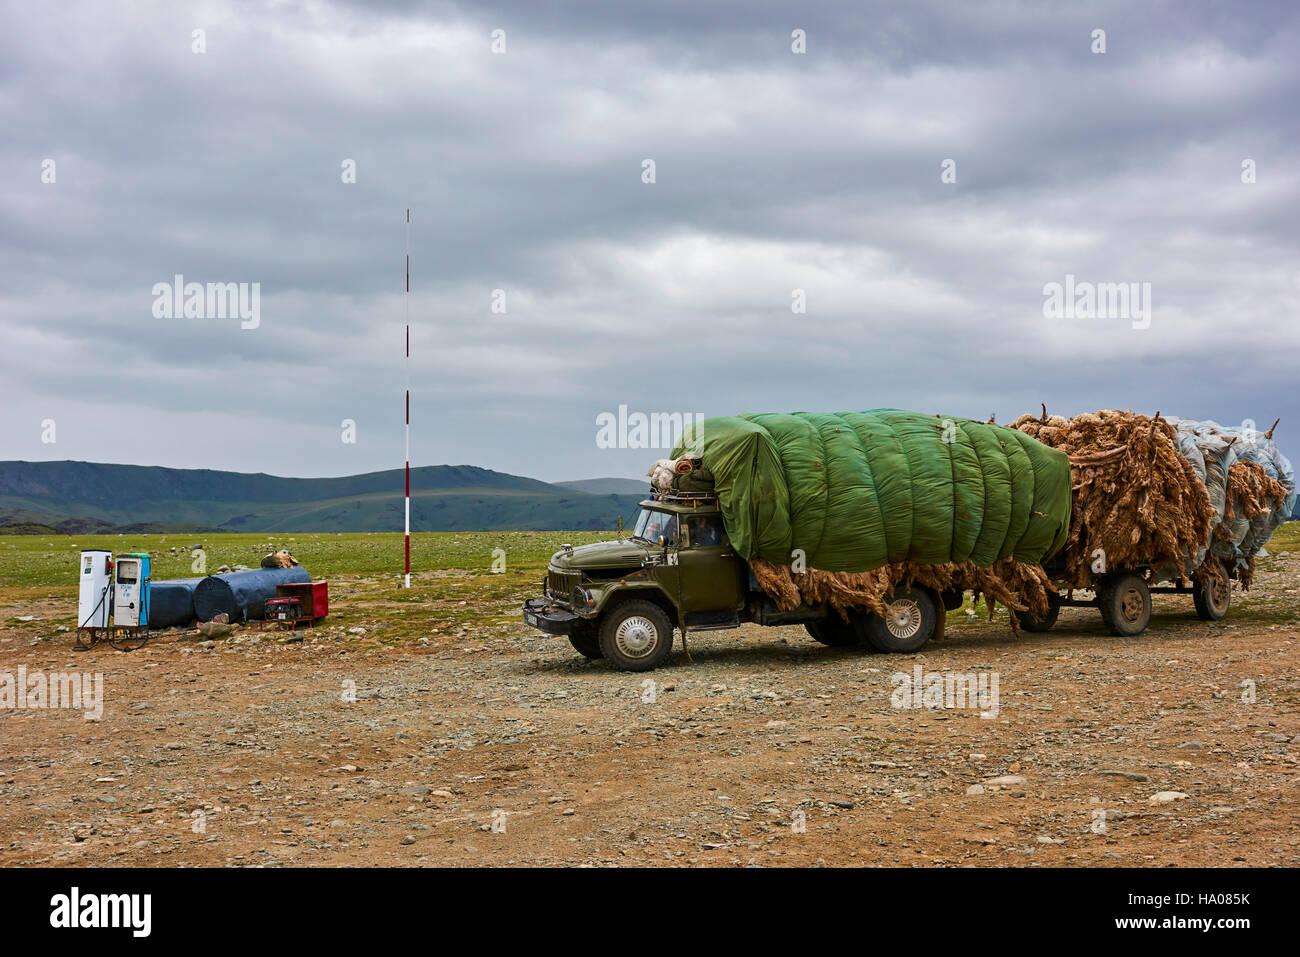 La Mongolie, Bayan-Ulgii province, l'ouest de la Mongolie, un camion surchargé avec la laine à pompe Photo Stock